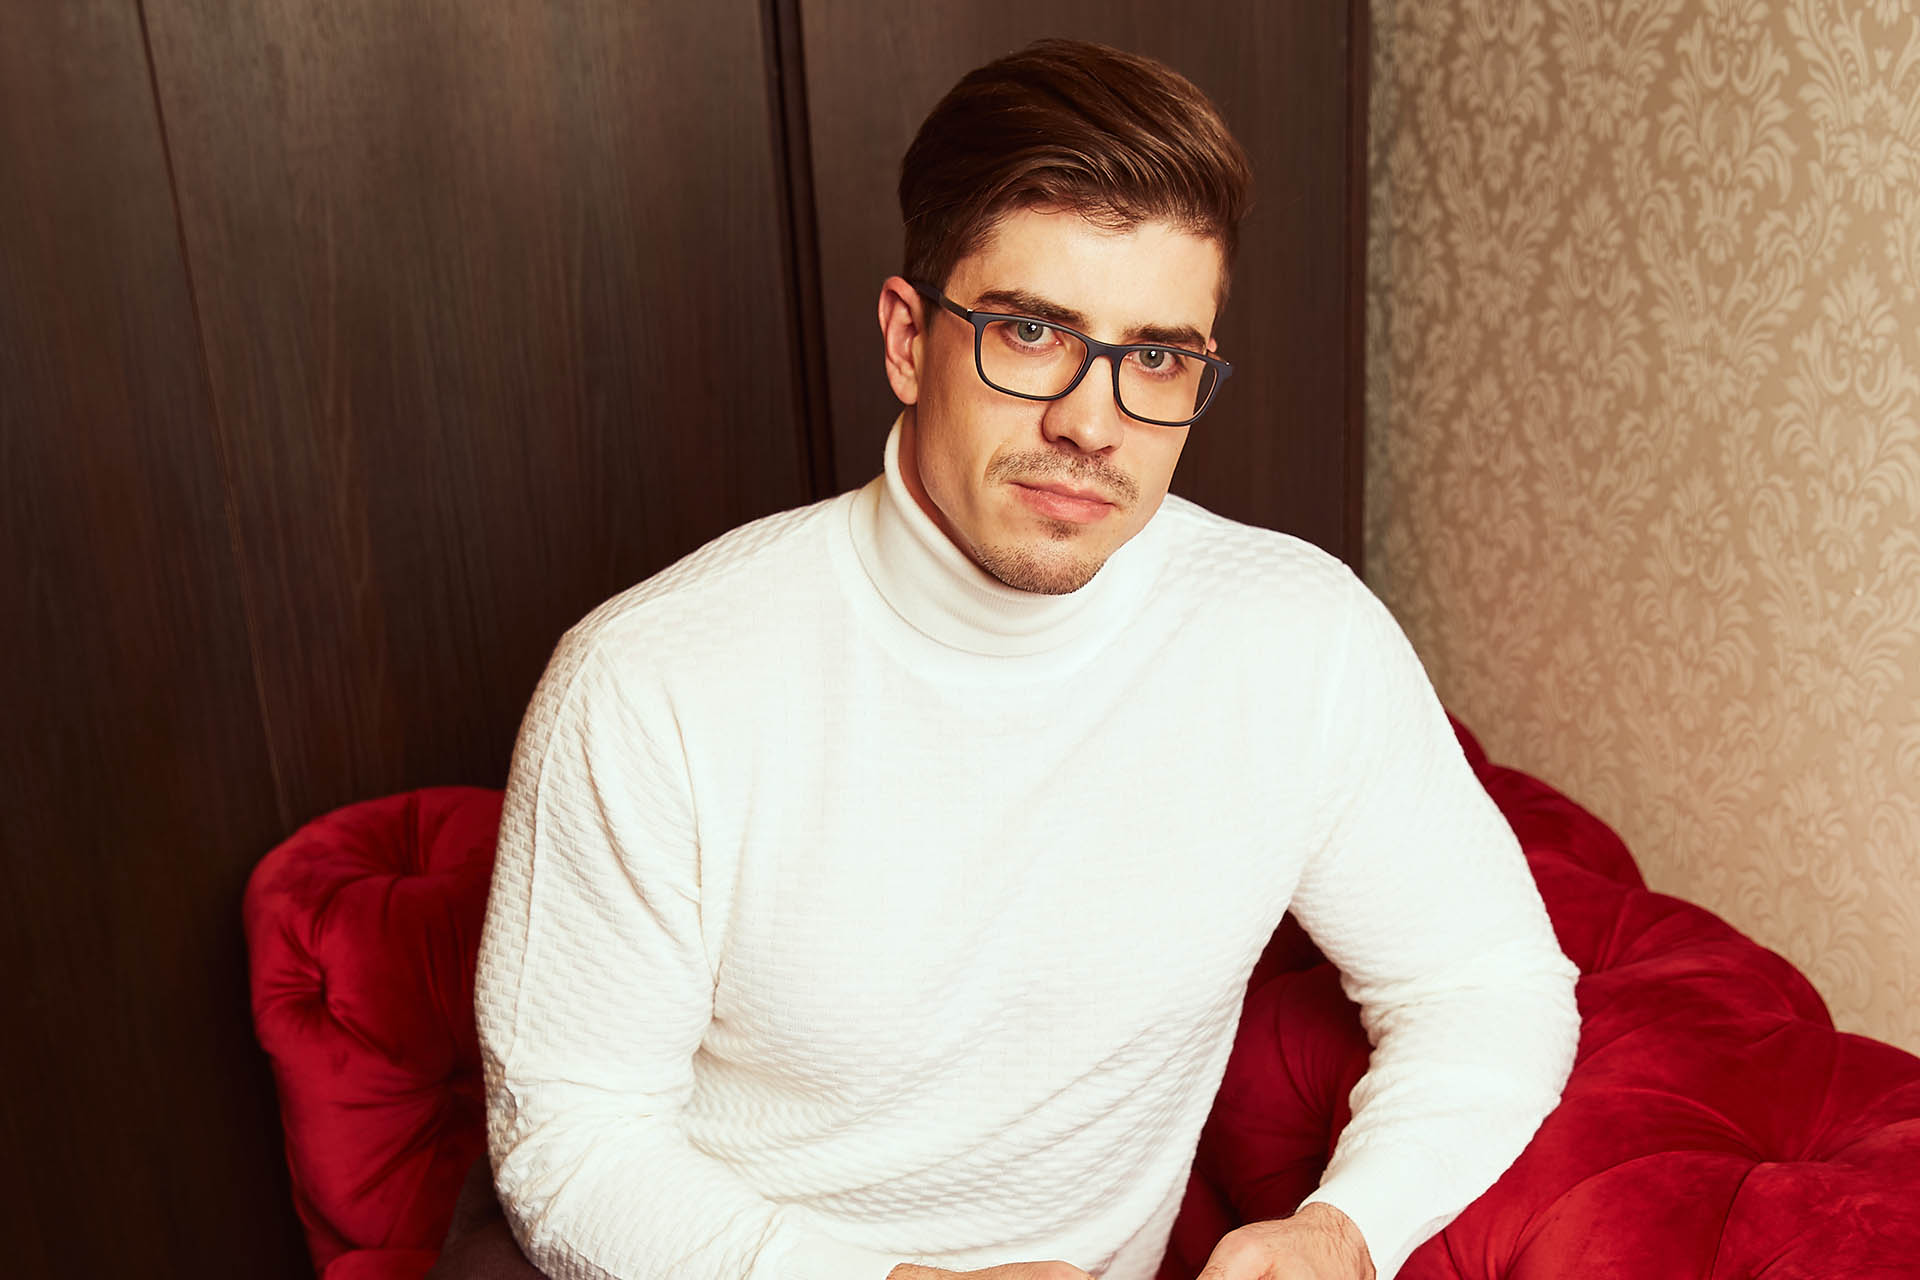 Станислав Магера, финансовый консультант